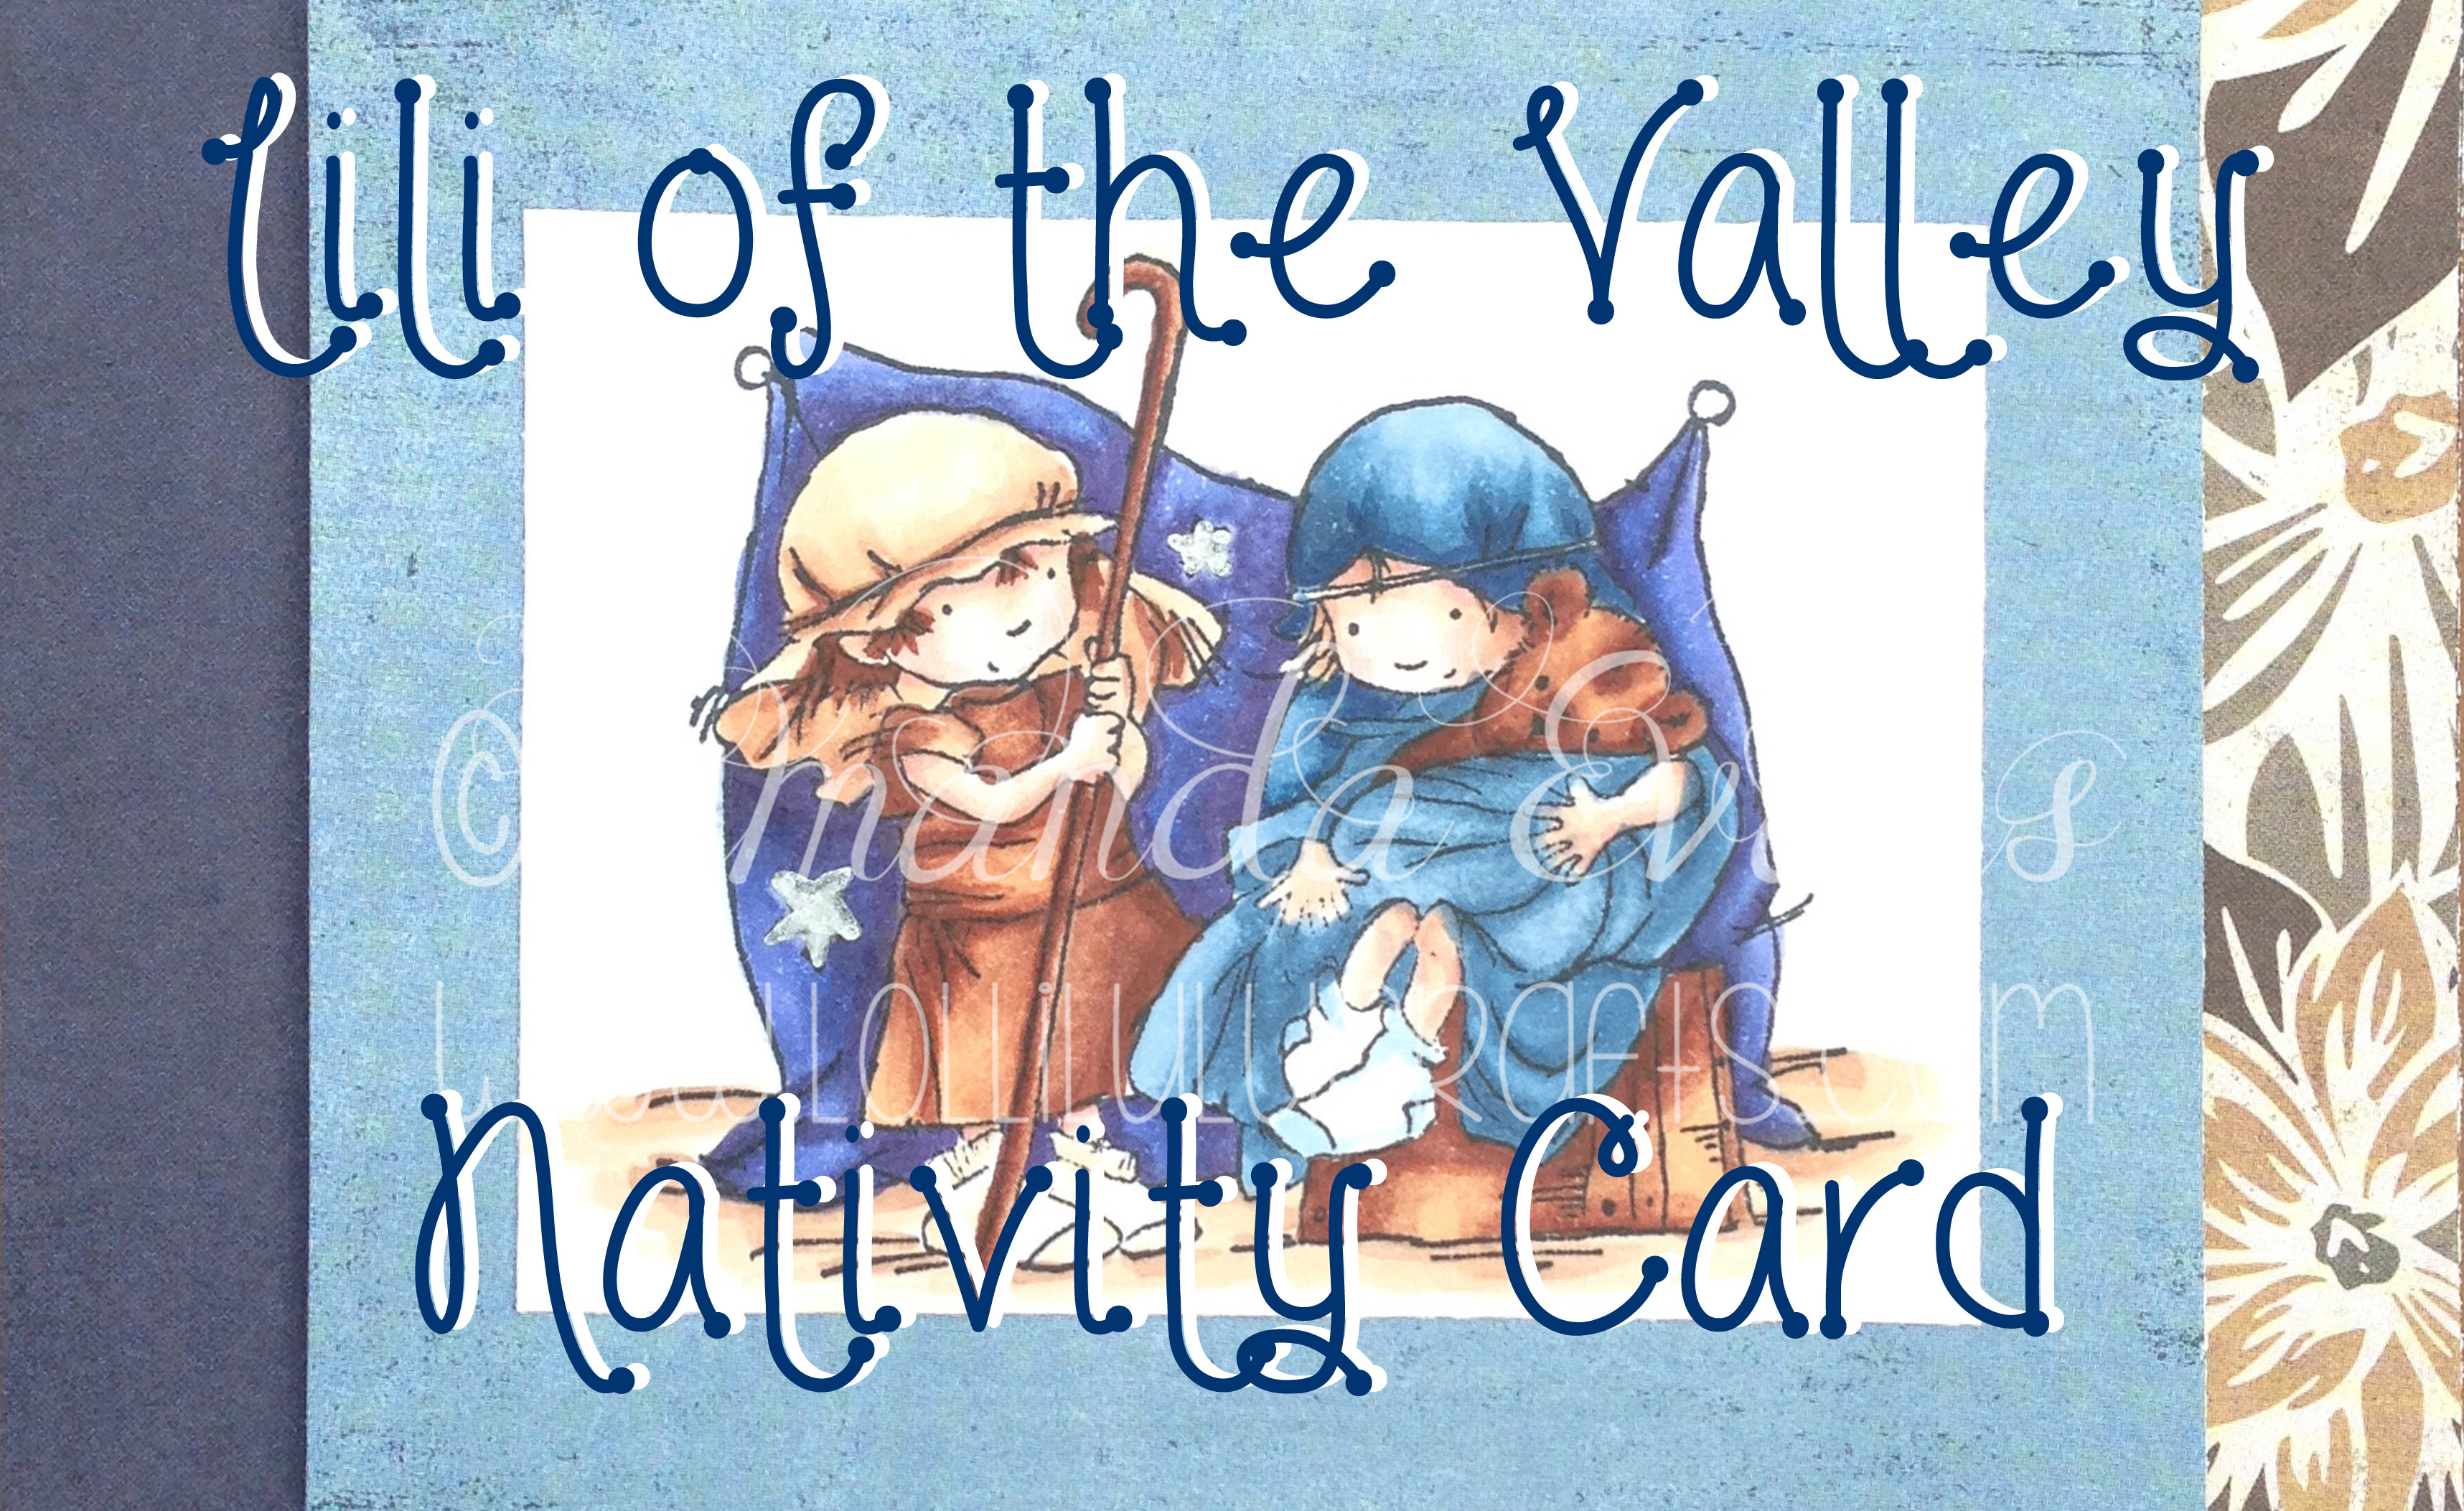 Lili Nativity